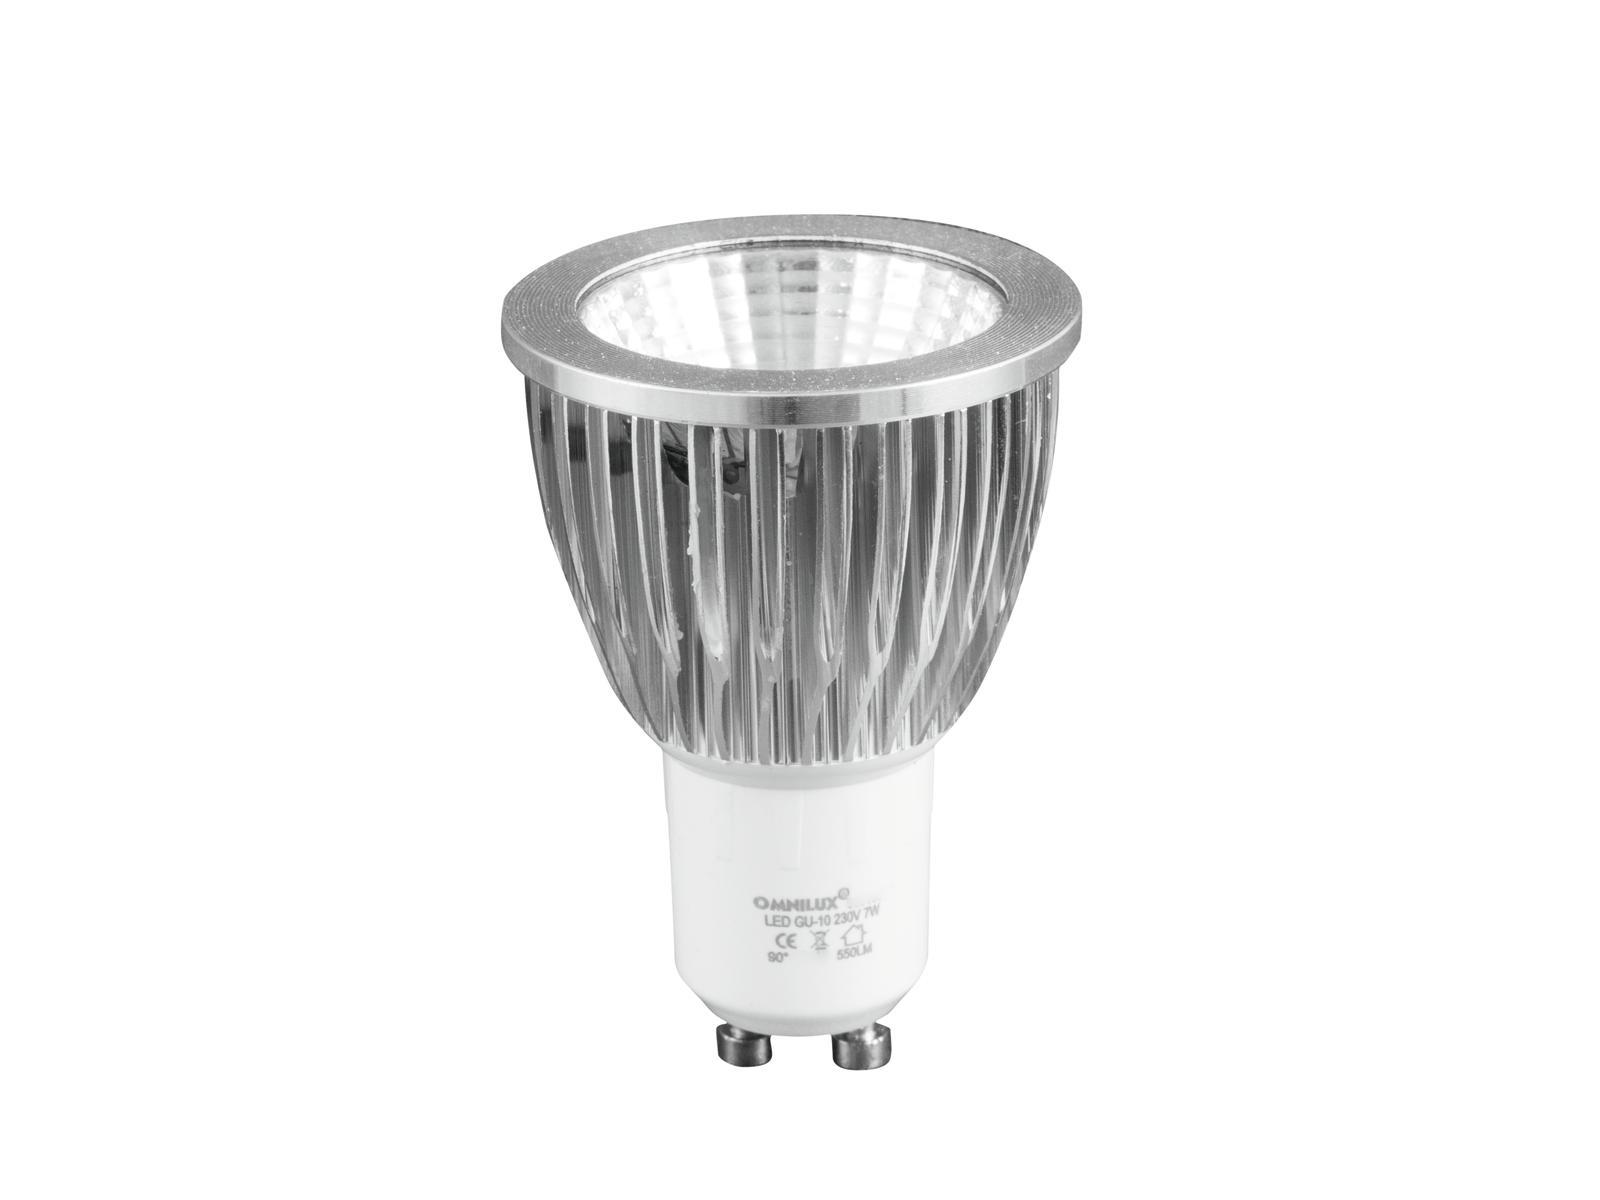 Omnilux LED žárovka GU-10 230V 7W COB 3000K, teplá bílá